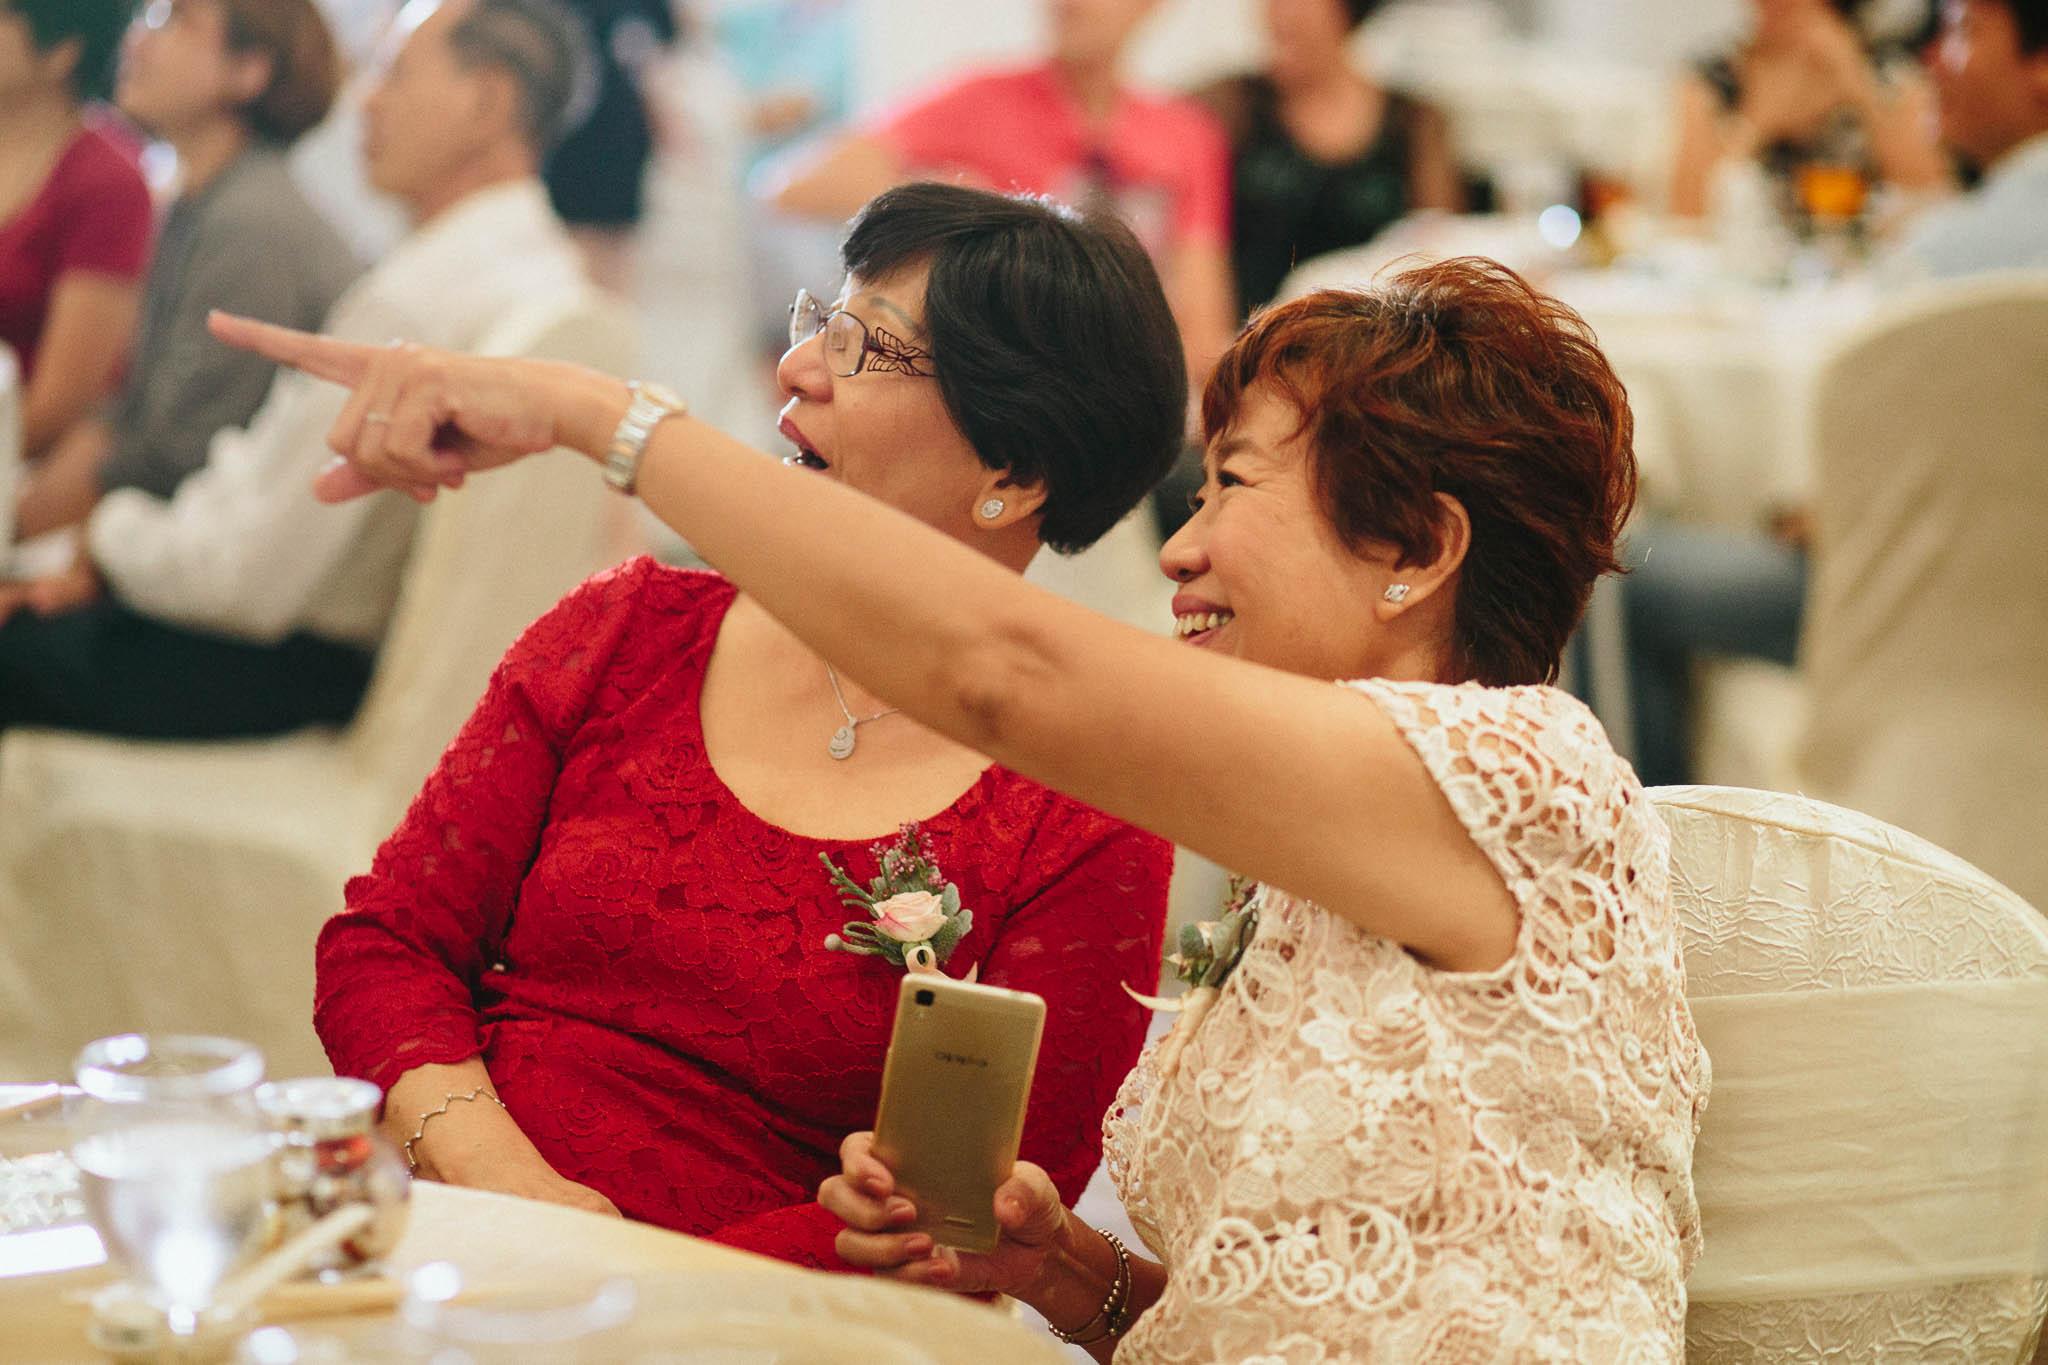 singapore-wedding-photographer-zhongwei-shihui-052.jpg